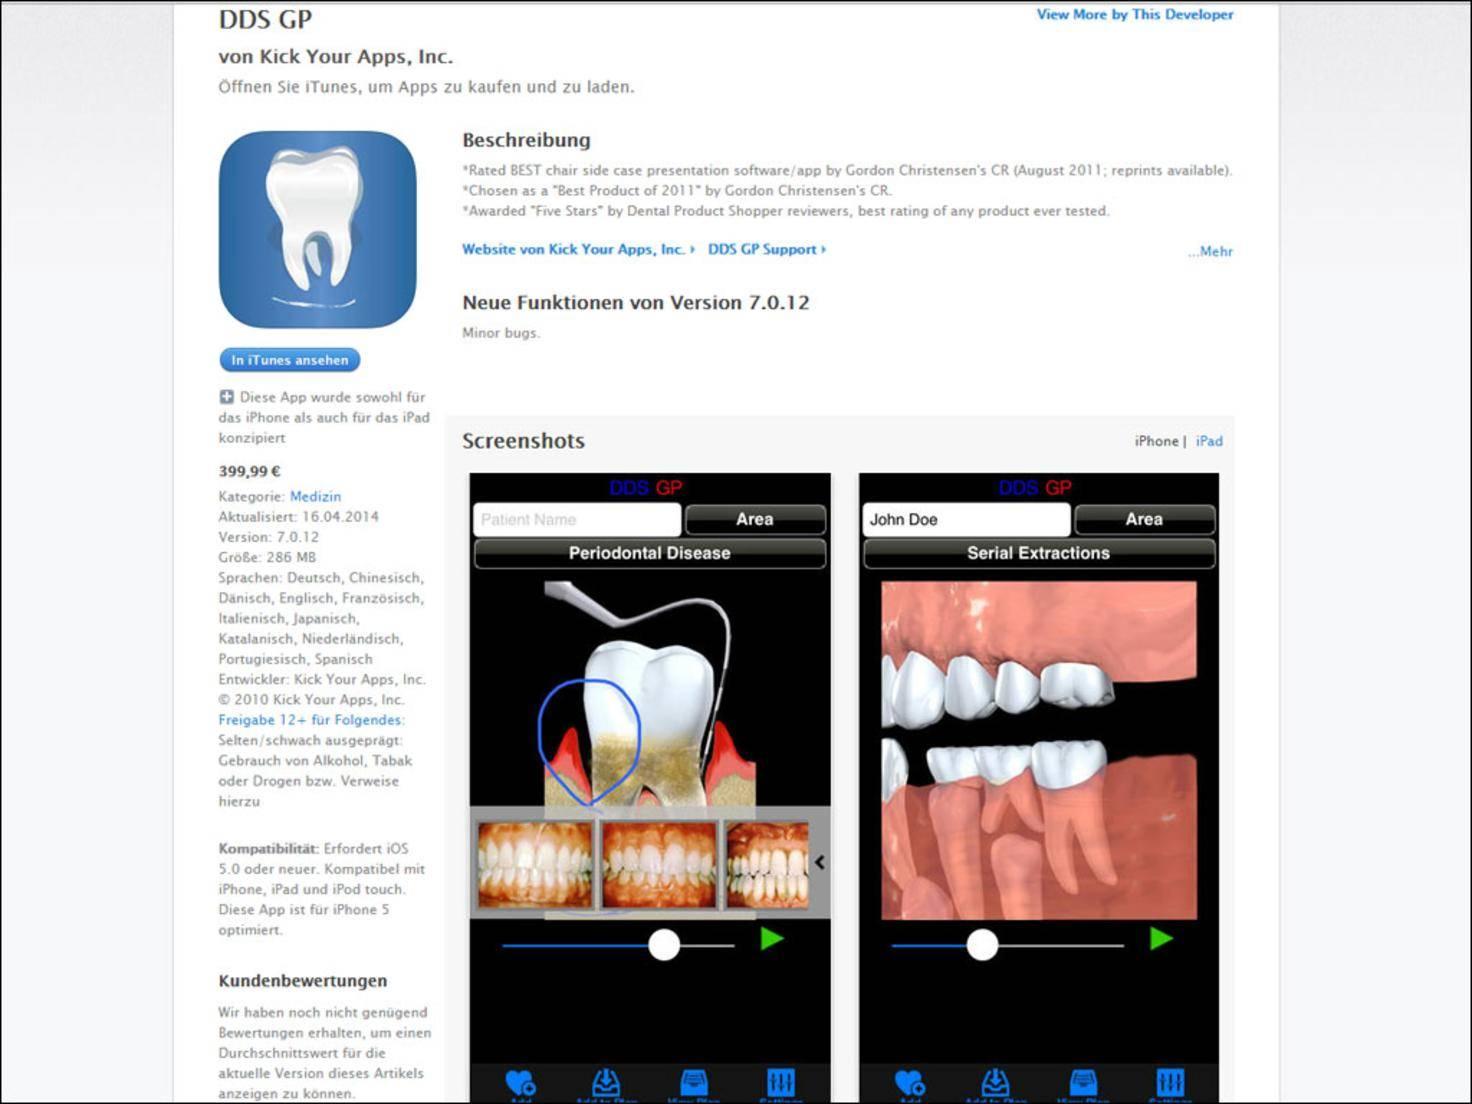 Wer beim Zahnarzt bohrende Fragen stellt, bekommt die Antworten demnächst vielleicht per App serviert.